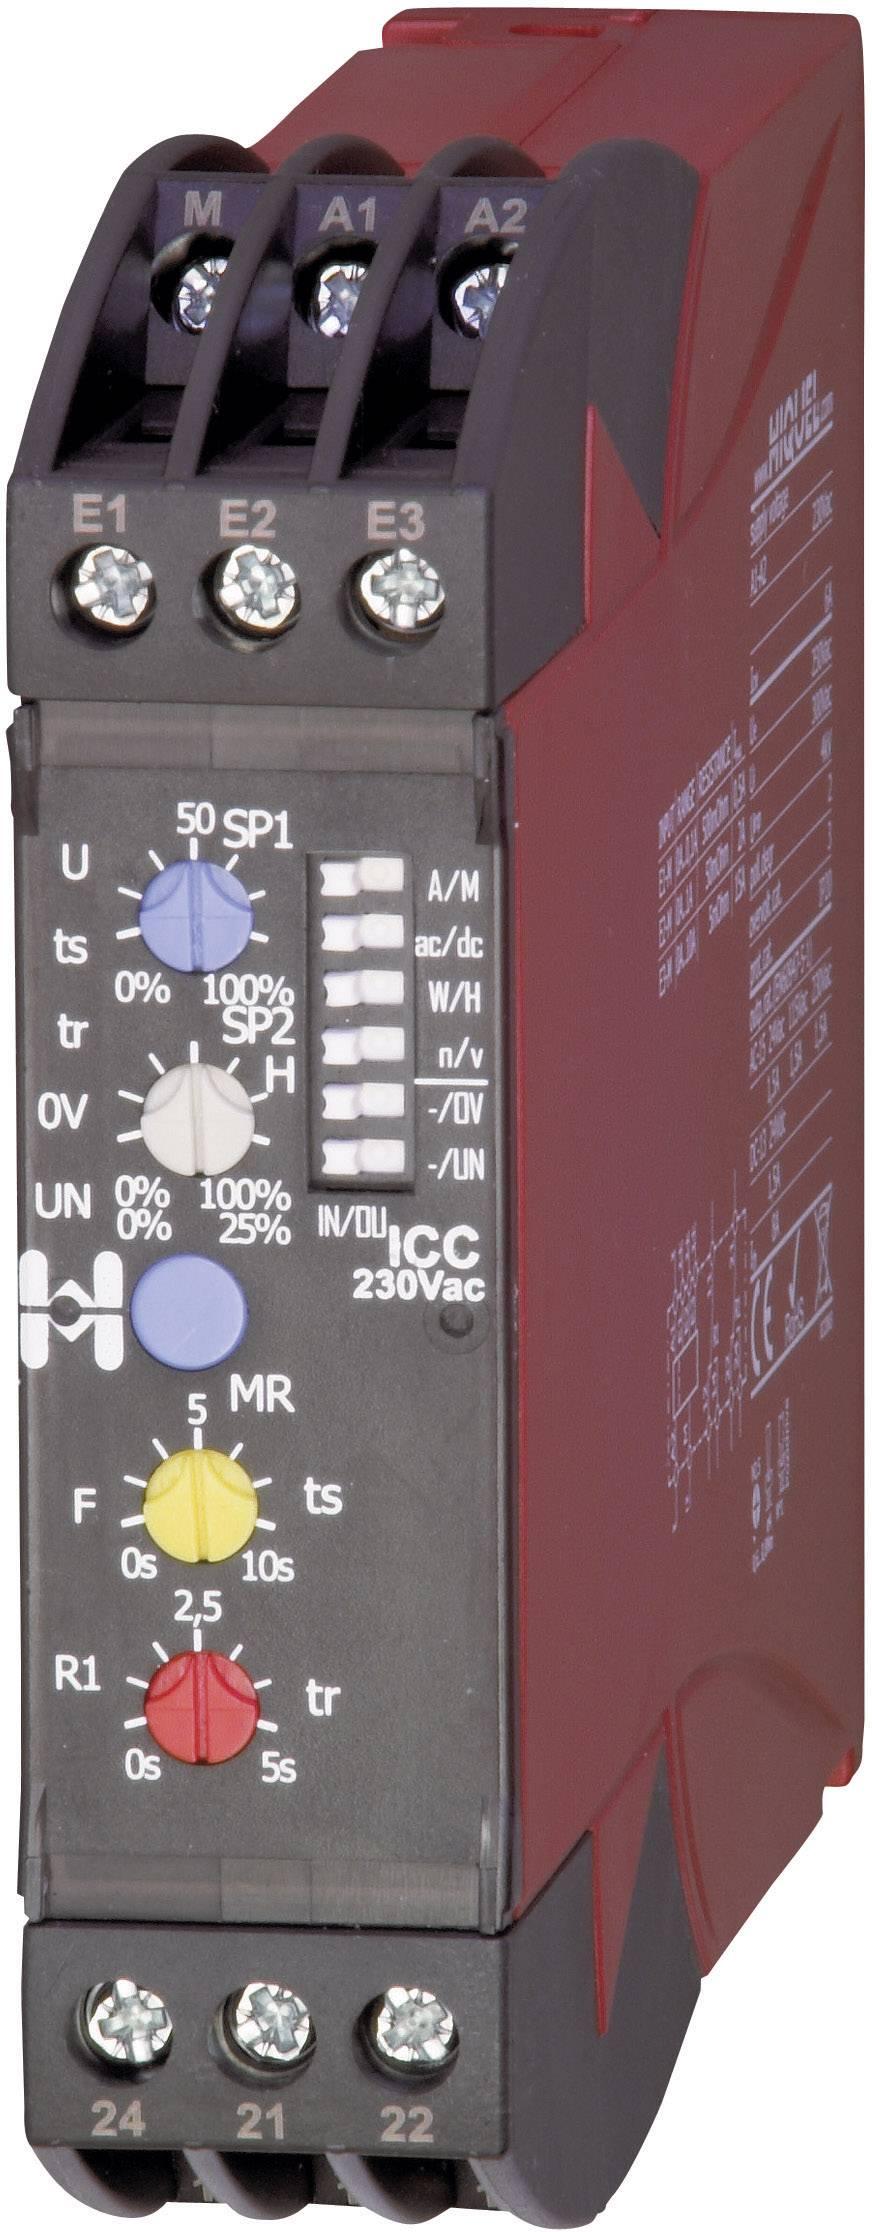 Kontrolné relé Hiquel ICC 24Vac ICC 24Vac